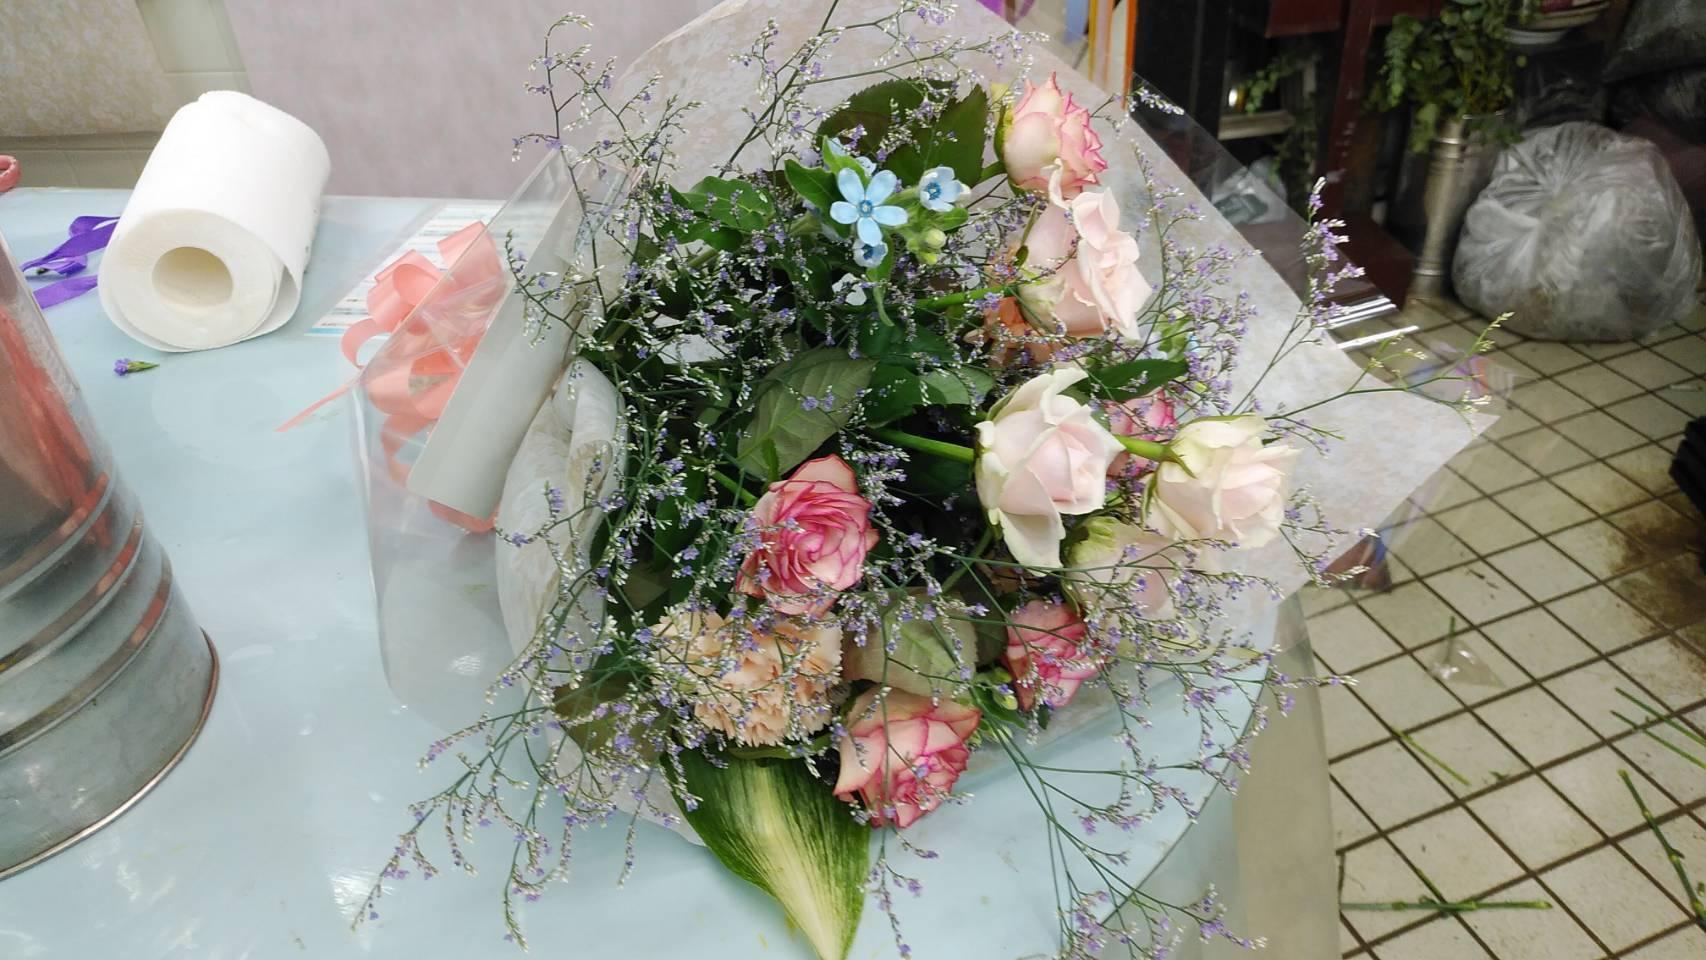 8,000円の花束